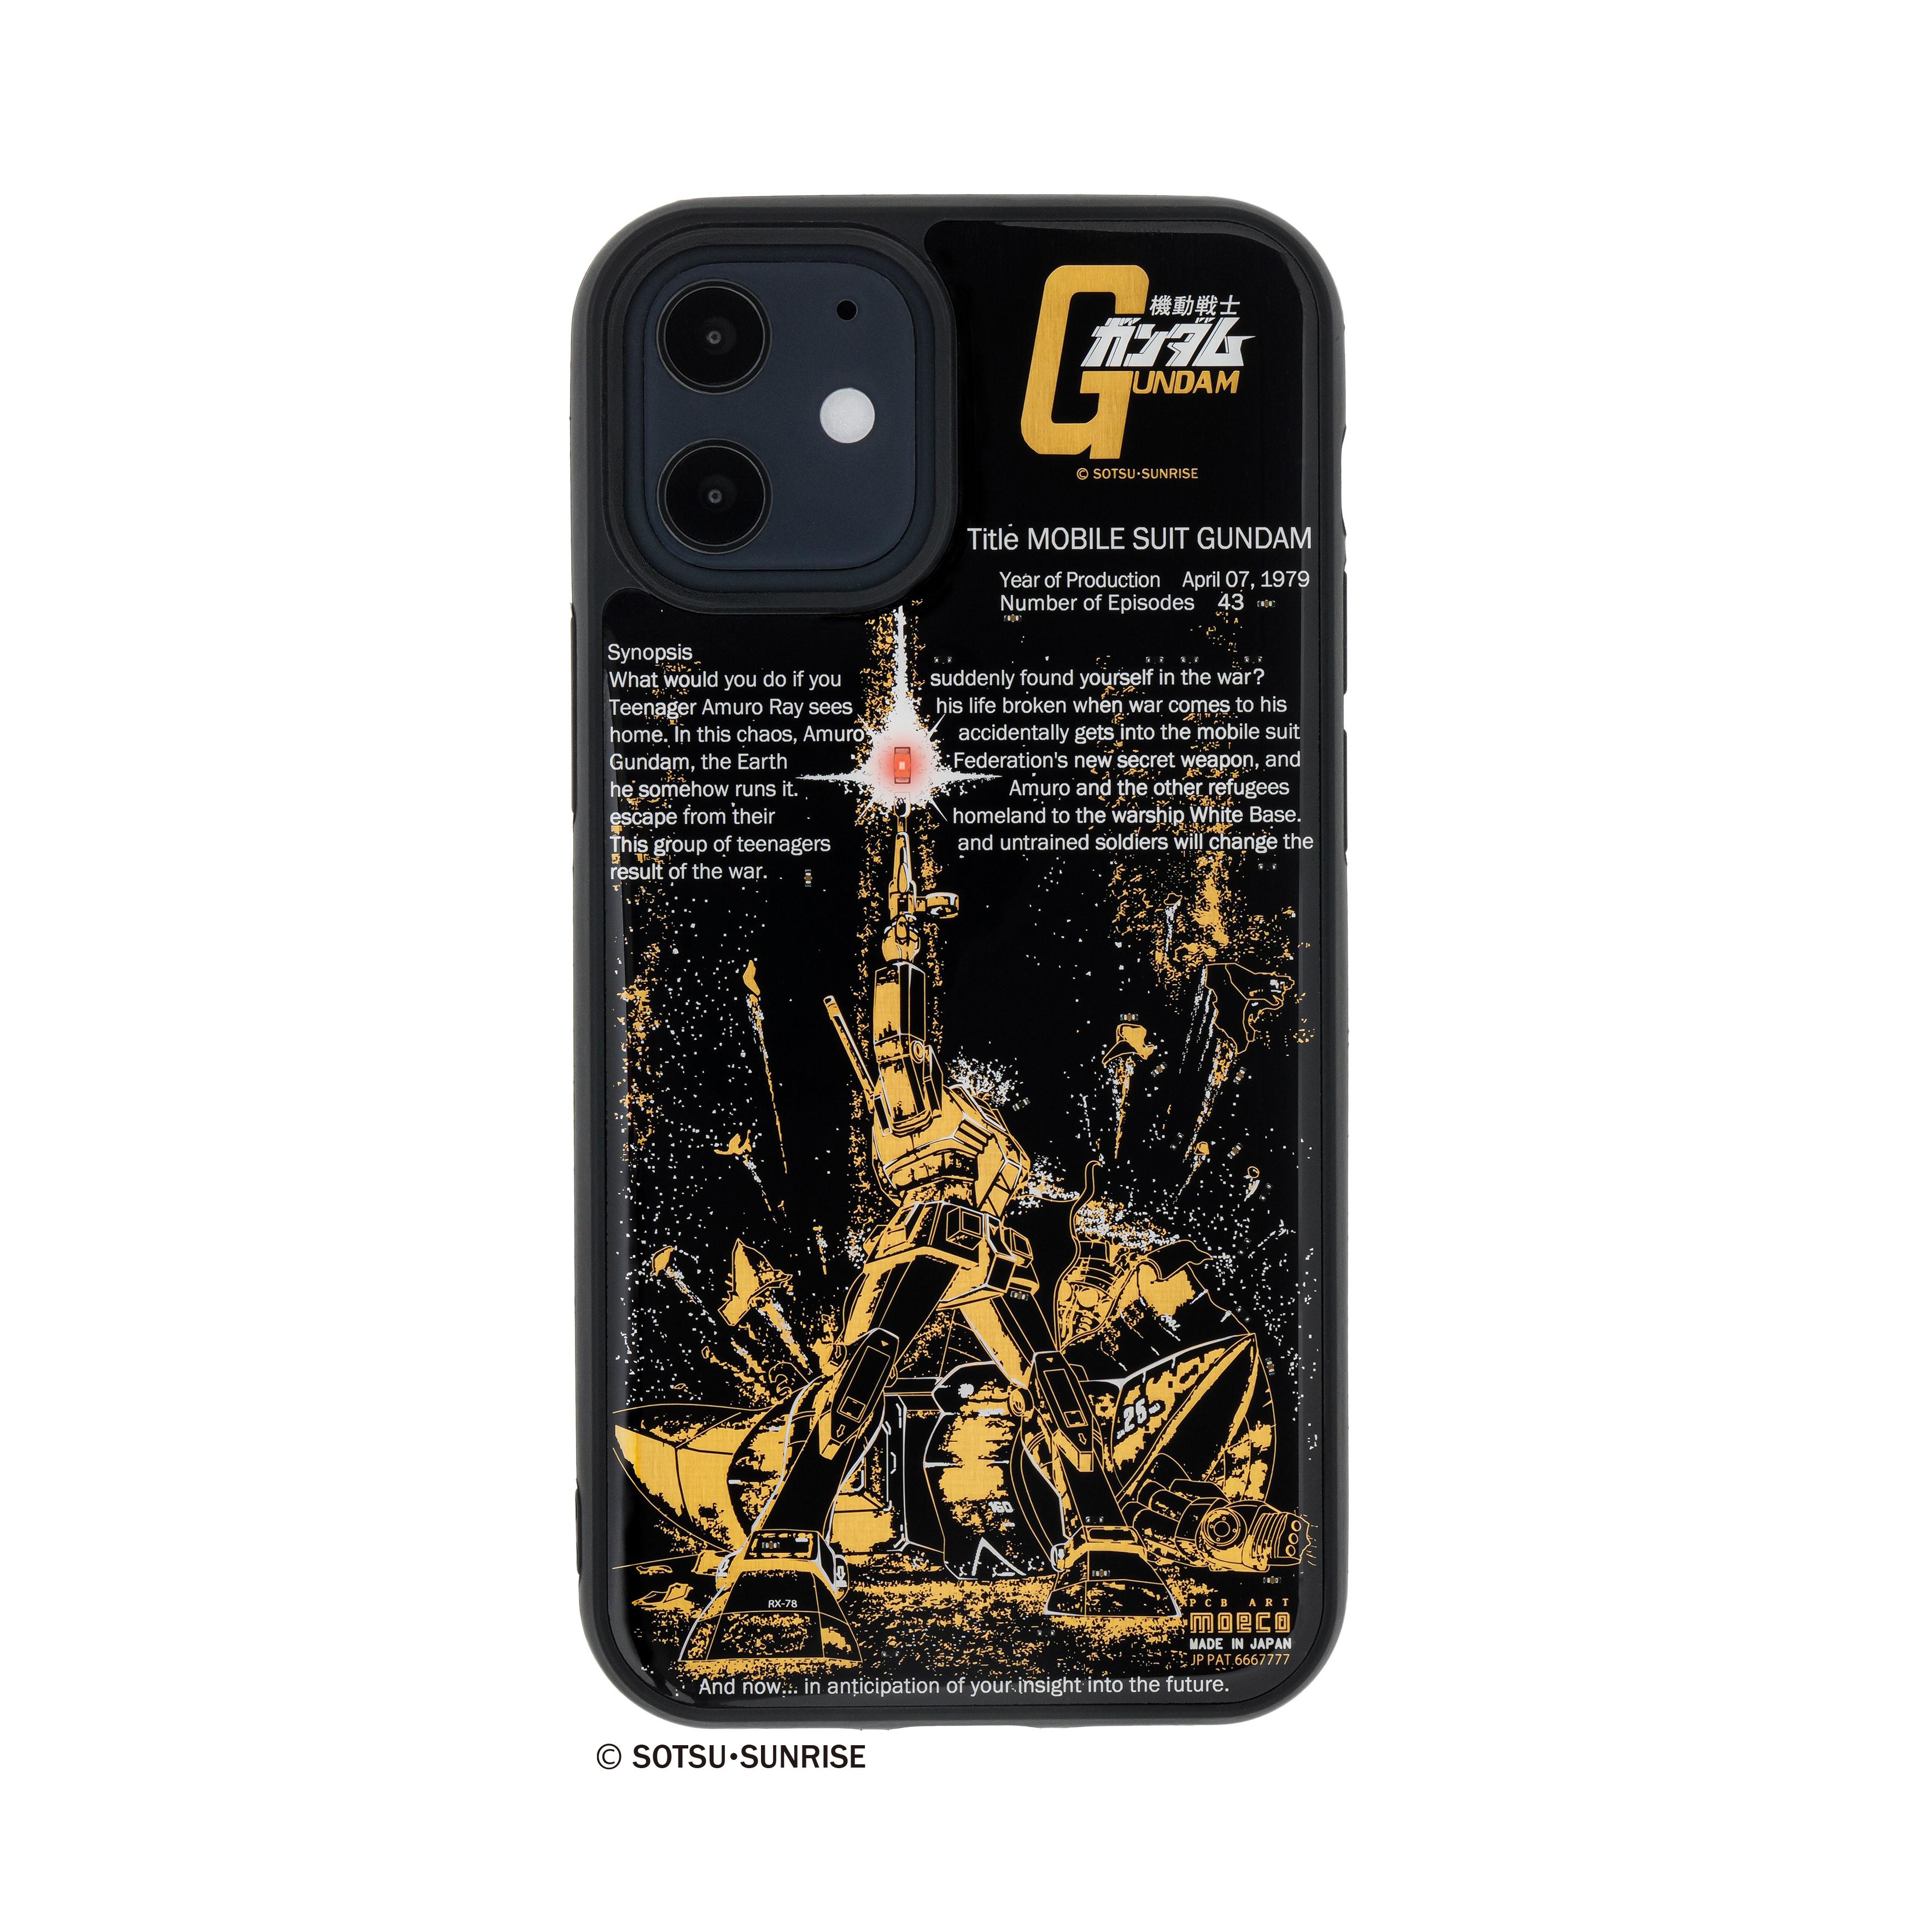 FLASH ガンダム ラストシューティング Ver. 基板アート iPhone 12 miniケース【東京回路線図A5クリアファイルをプレゼント】